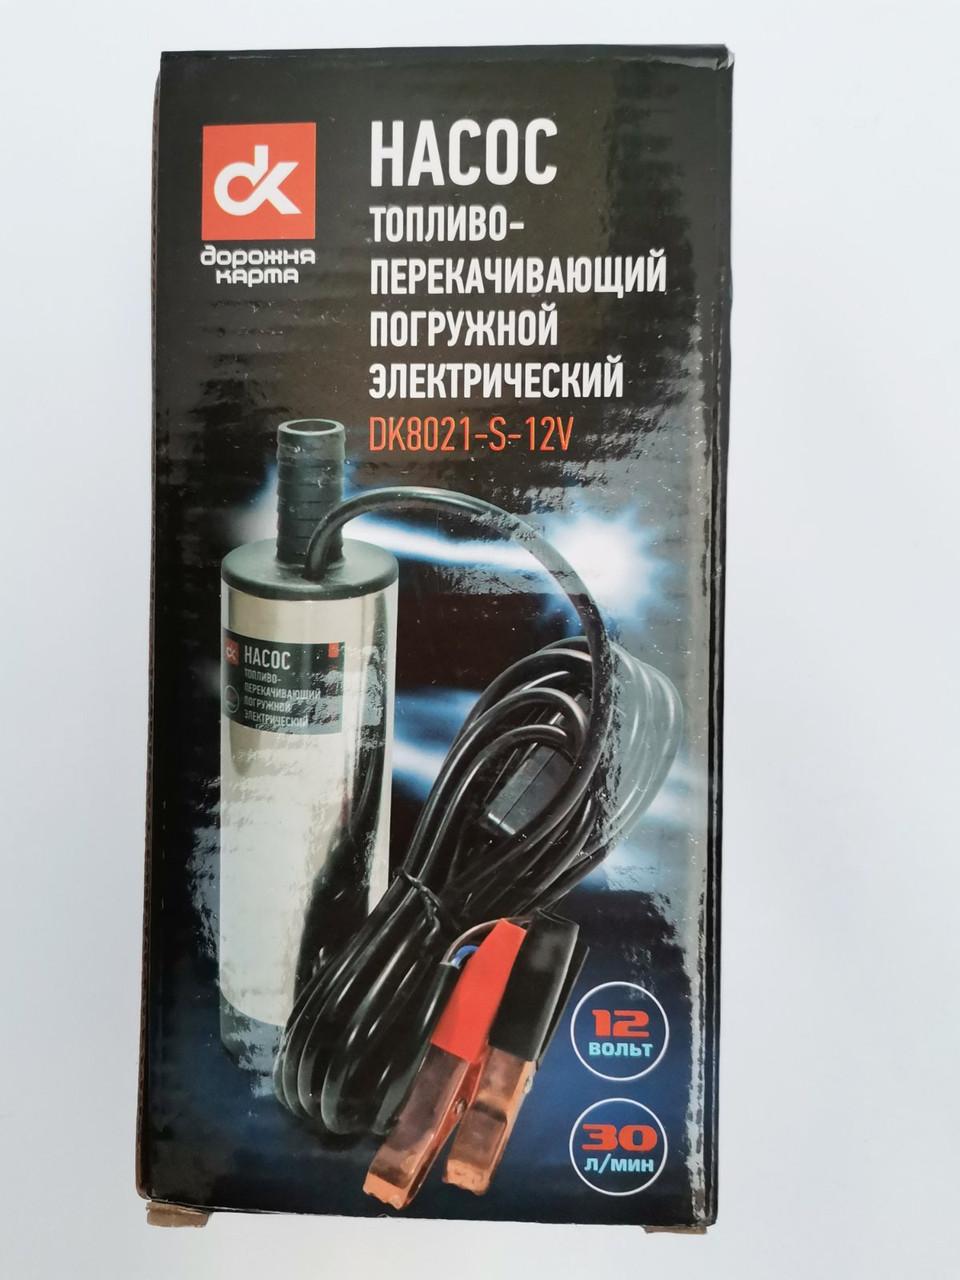 Насос топливоперекачивающий погружной D50 12V DK